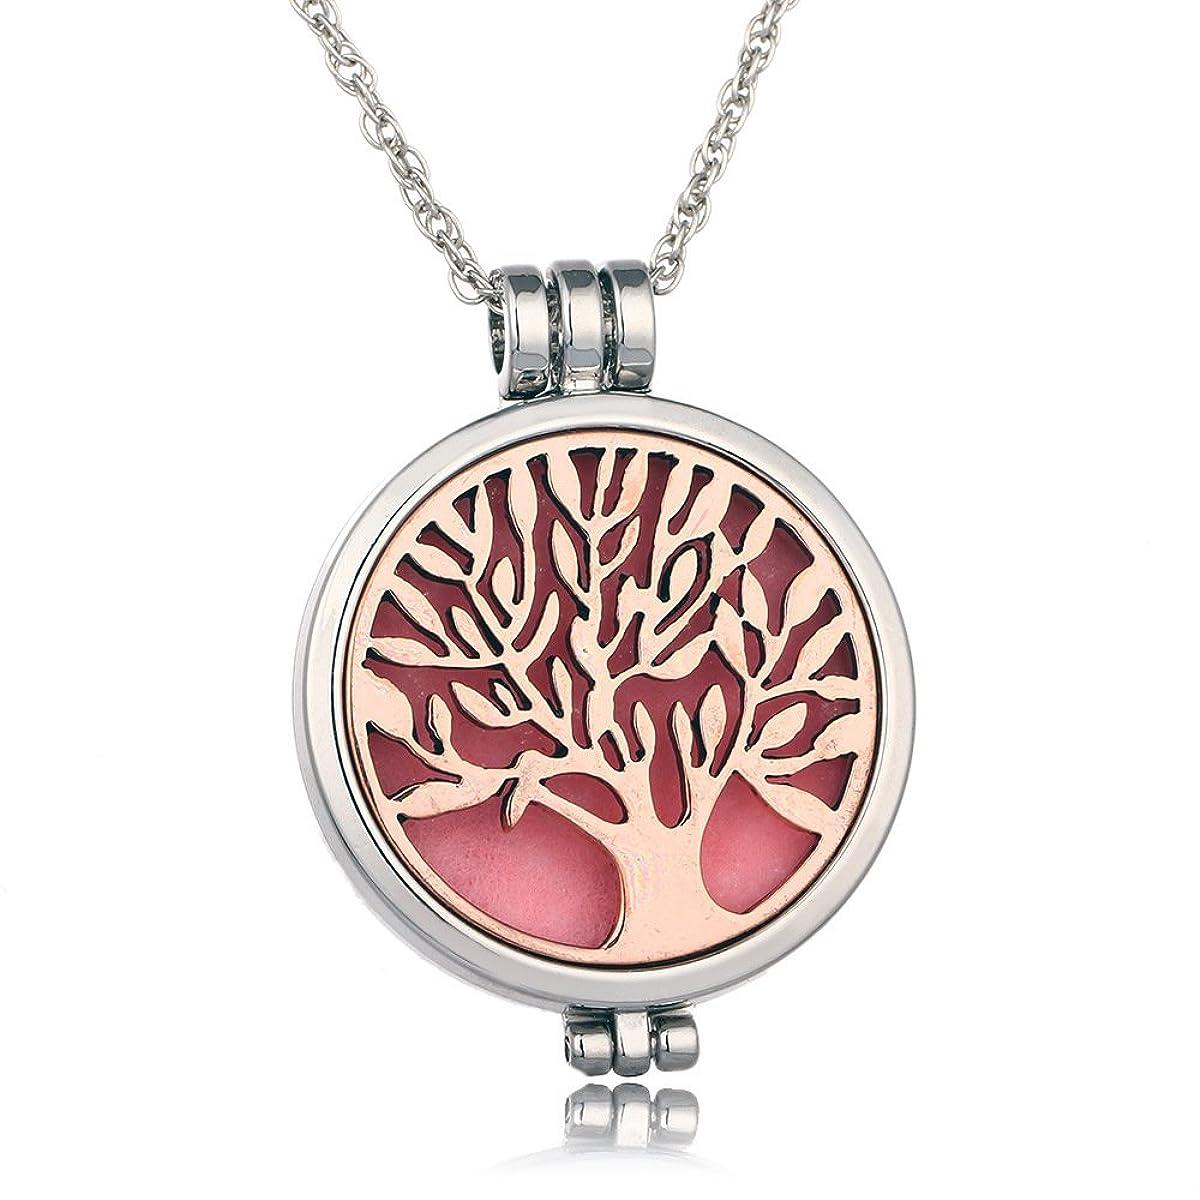 あいまいさすすり泣き乗算The Tree Of Life ,光FragranceネックレスEssential Oil Diffuser with 6フェルトパッド